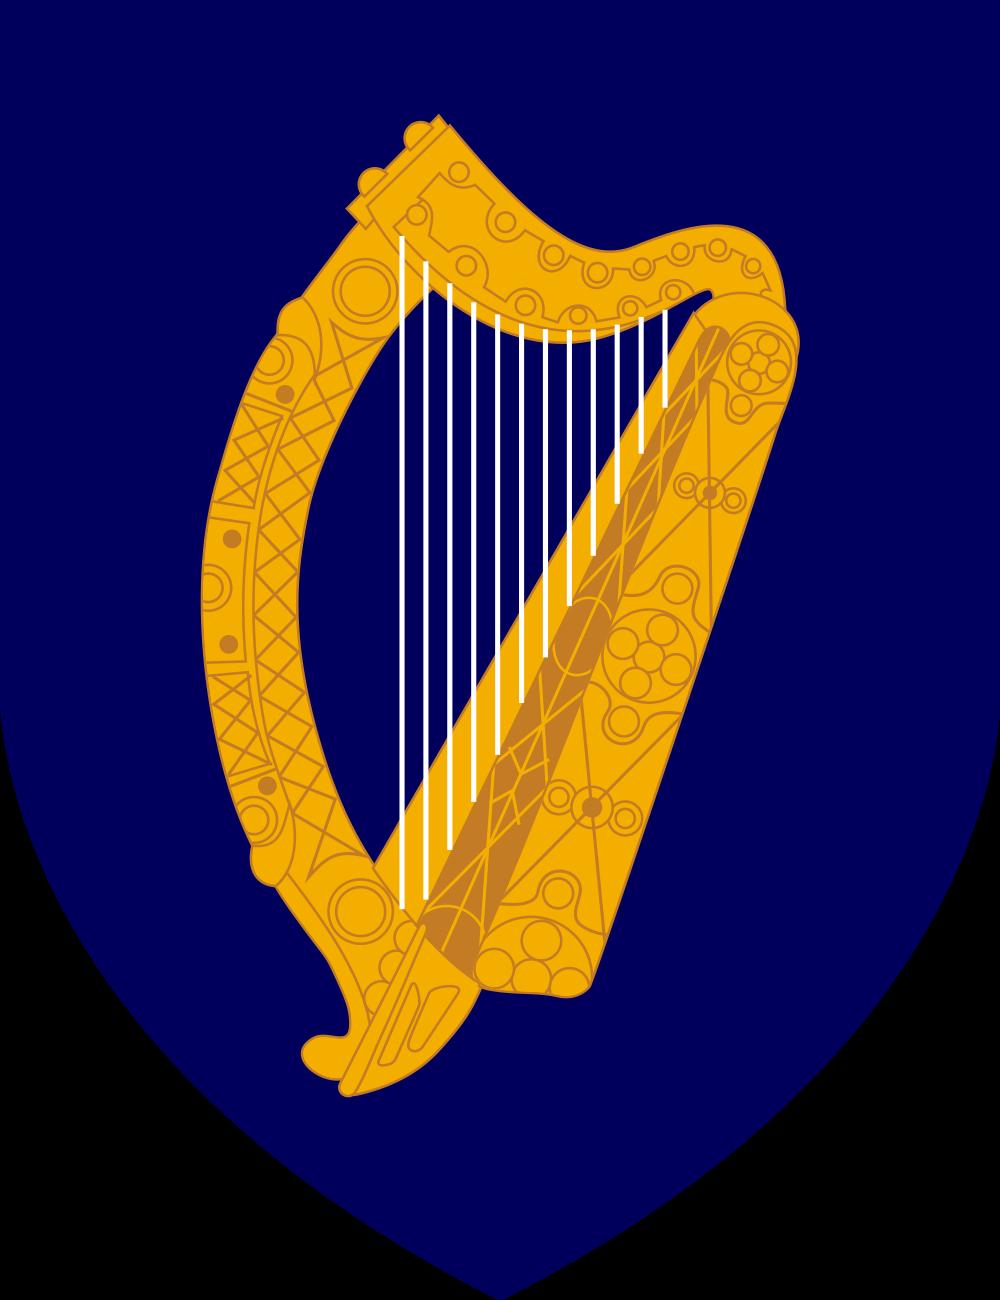 Wappen Irlands